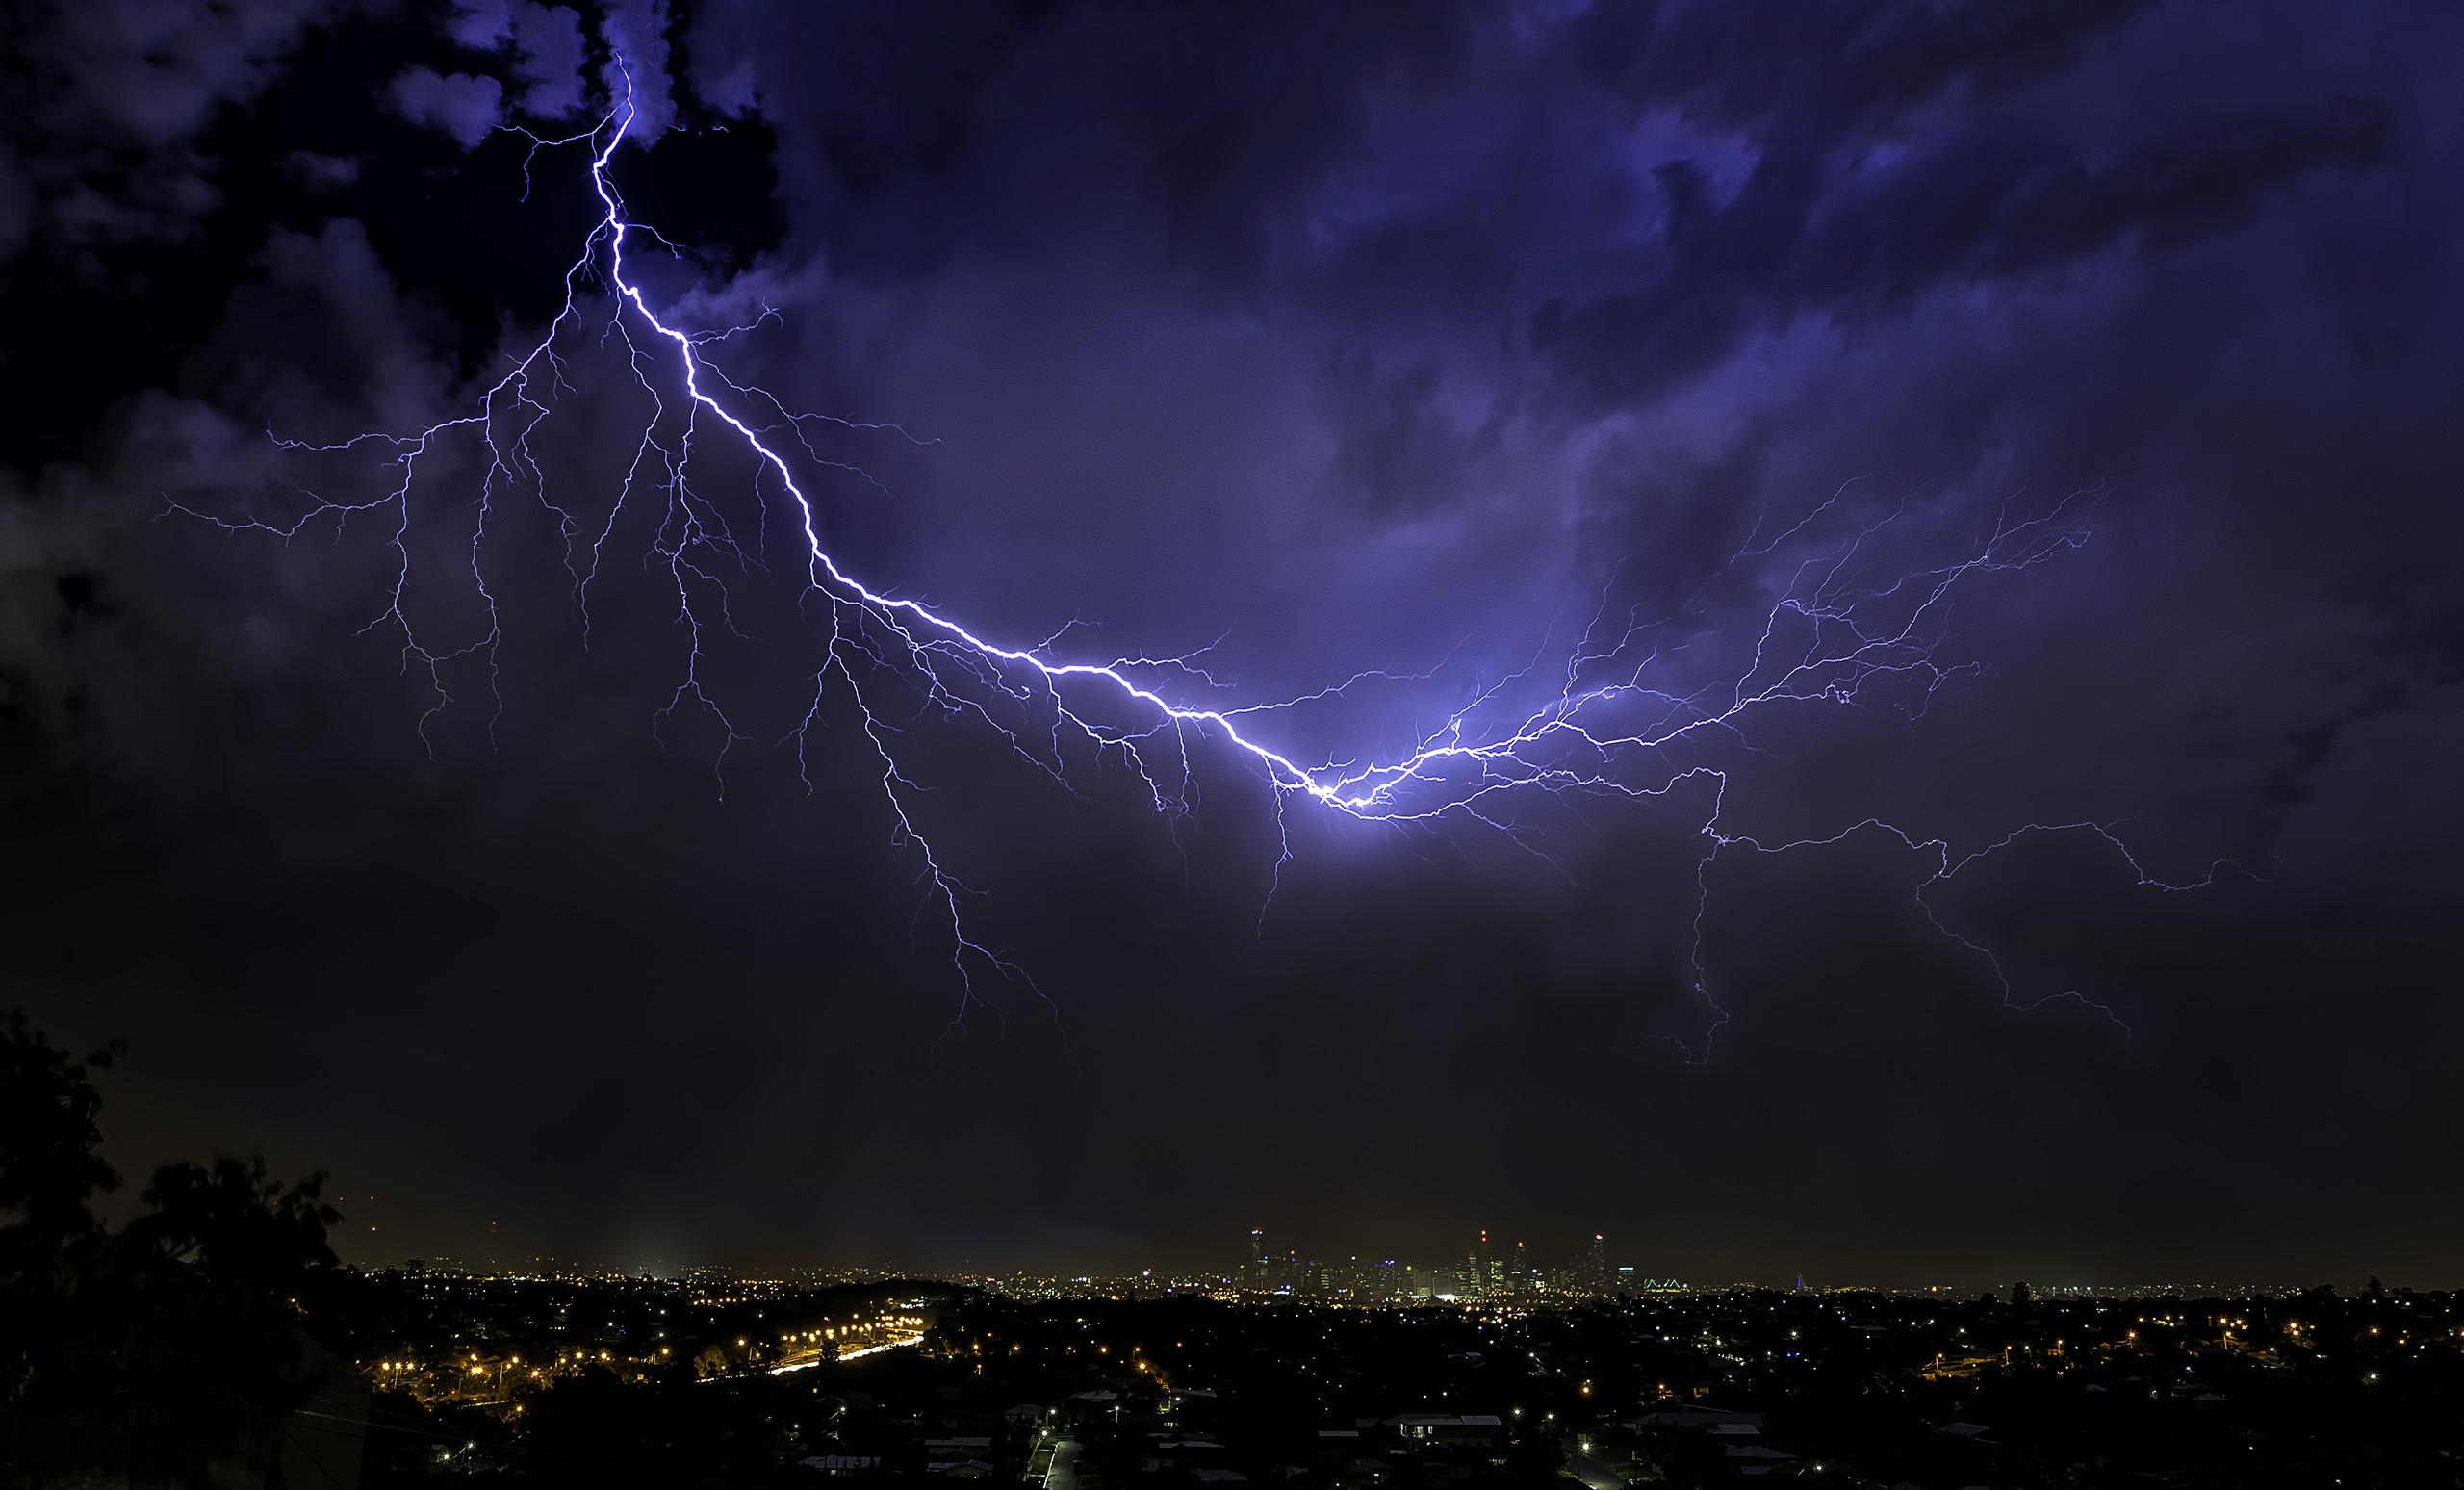 классные фото молния в ночном небе планируют